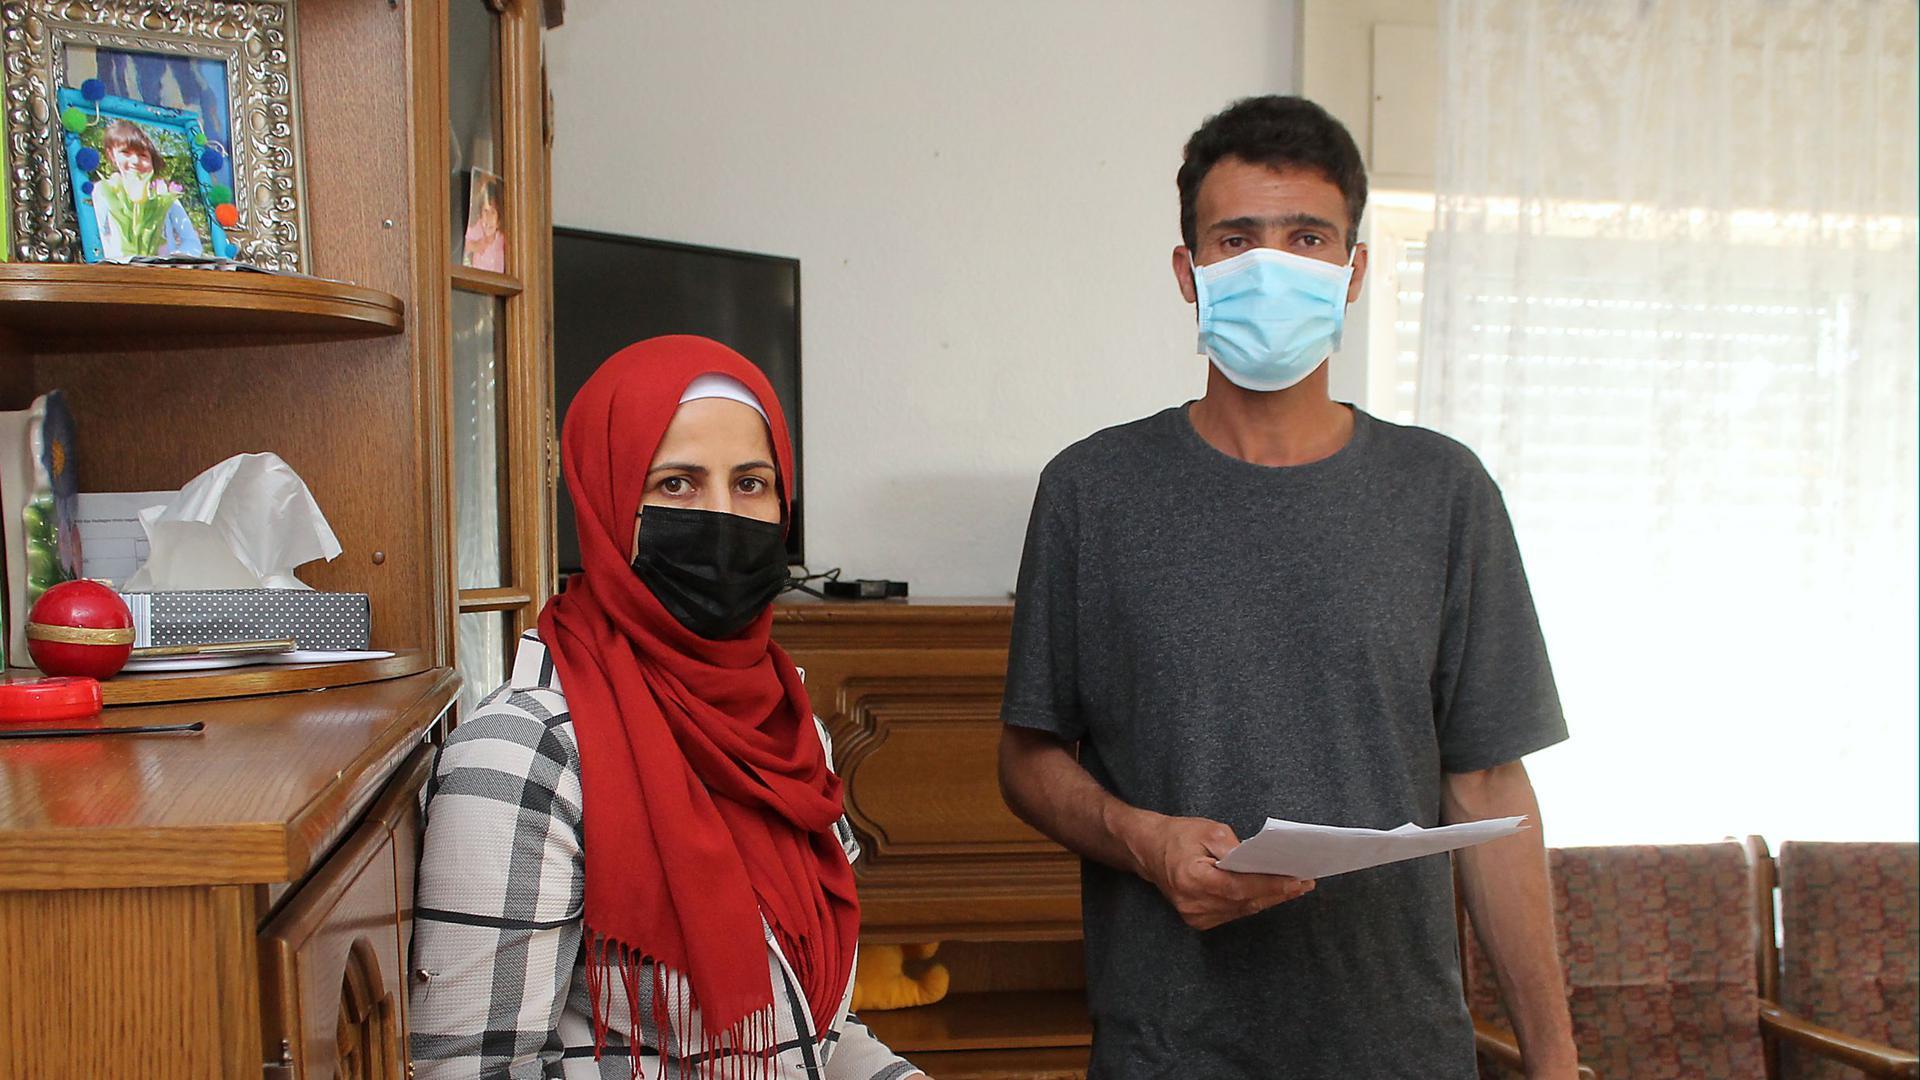 Verzweifelt: Kaum noch bezahlbar ist für ein syrisches Ehepaar die Wohnung in einer Obdachlosenunterkunft. Unlängst flatterte sogar noch eine Mieterhöhung ins Haus.